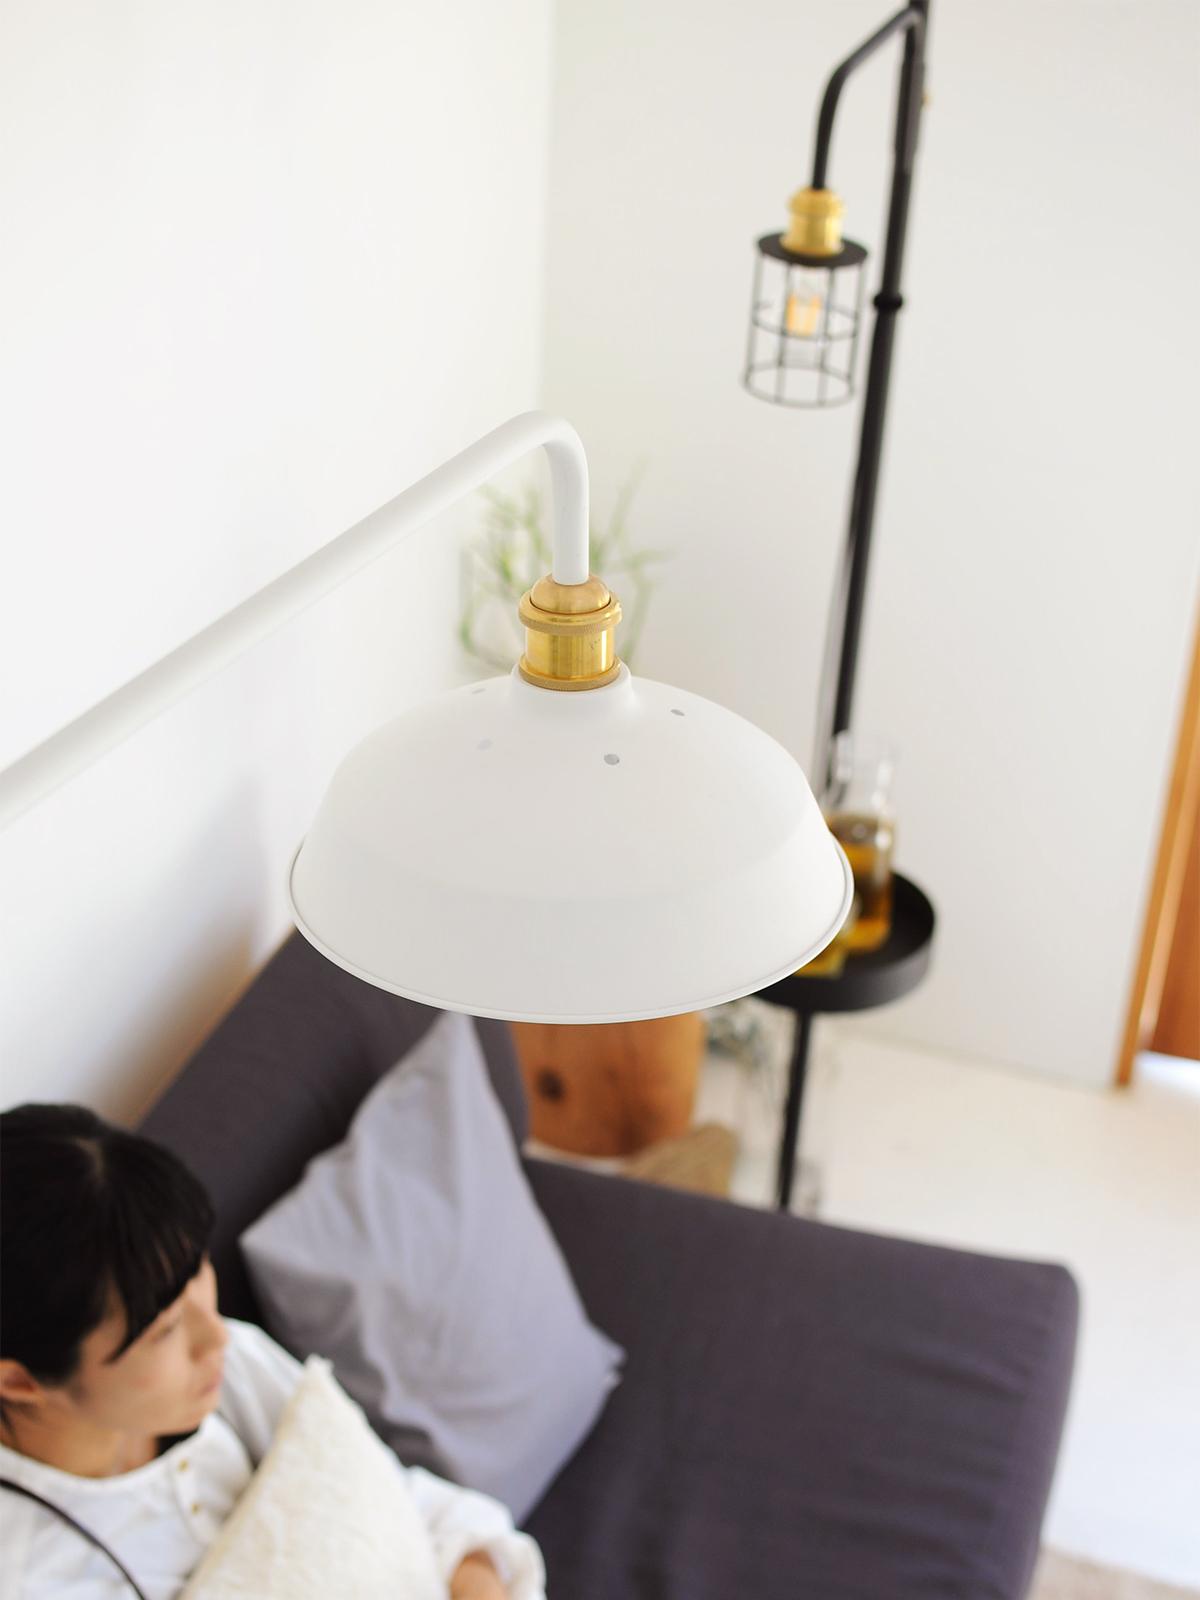 洗練された『プチ書斎』4|照明とテーブルがセットできる「つっぱり棒」|DRAW A LINE ランプシリーズ